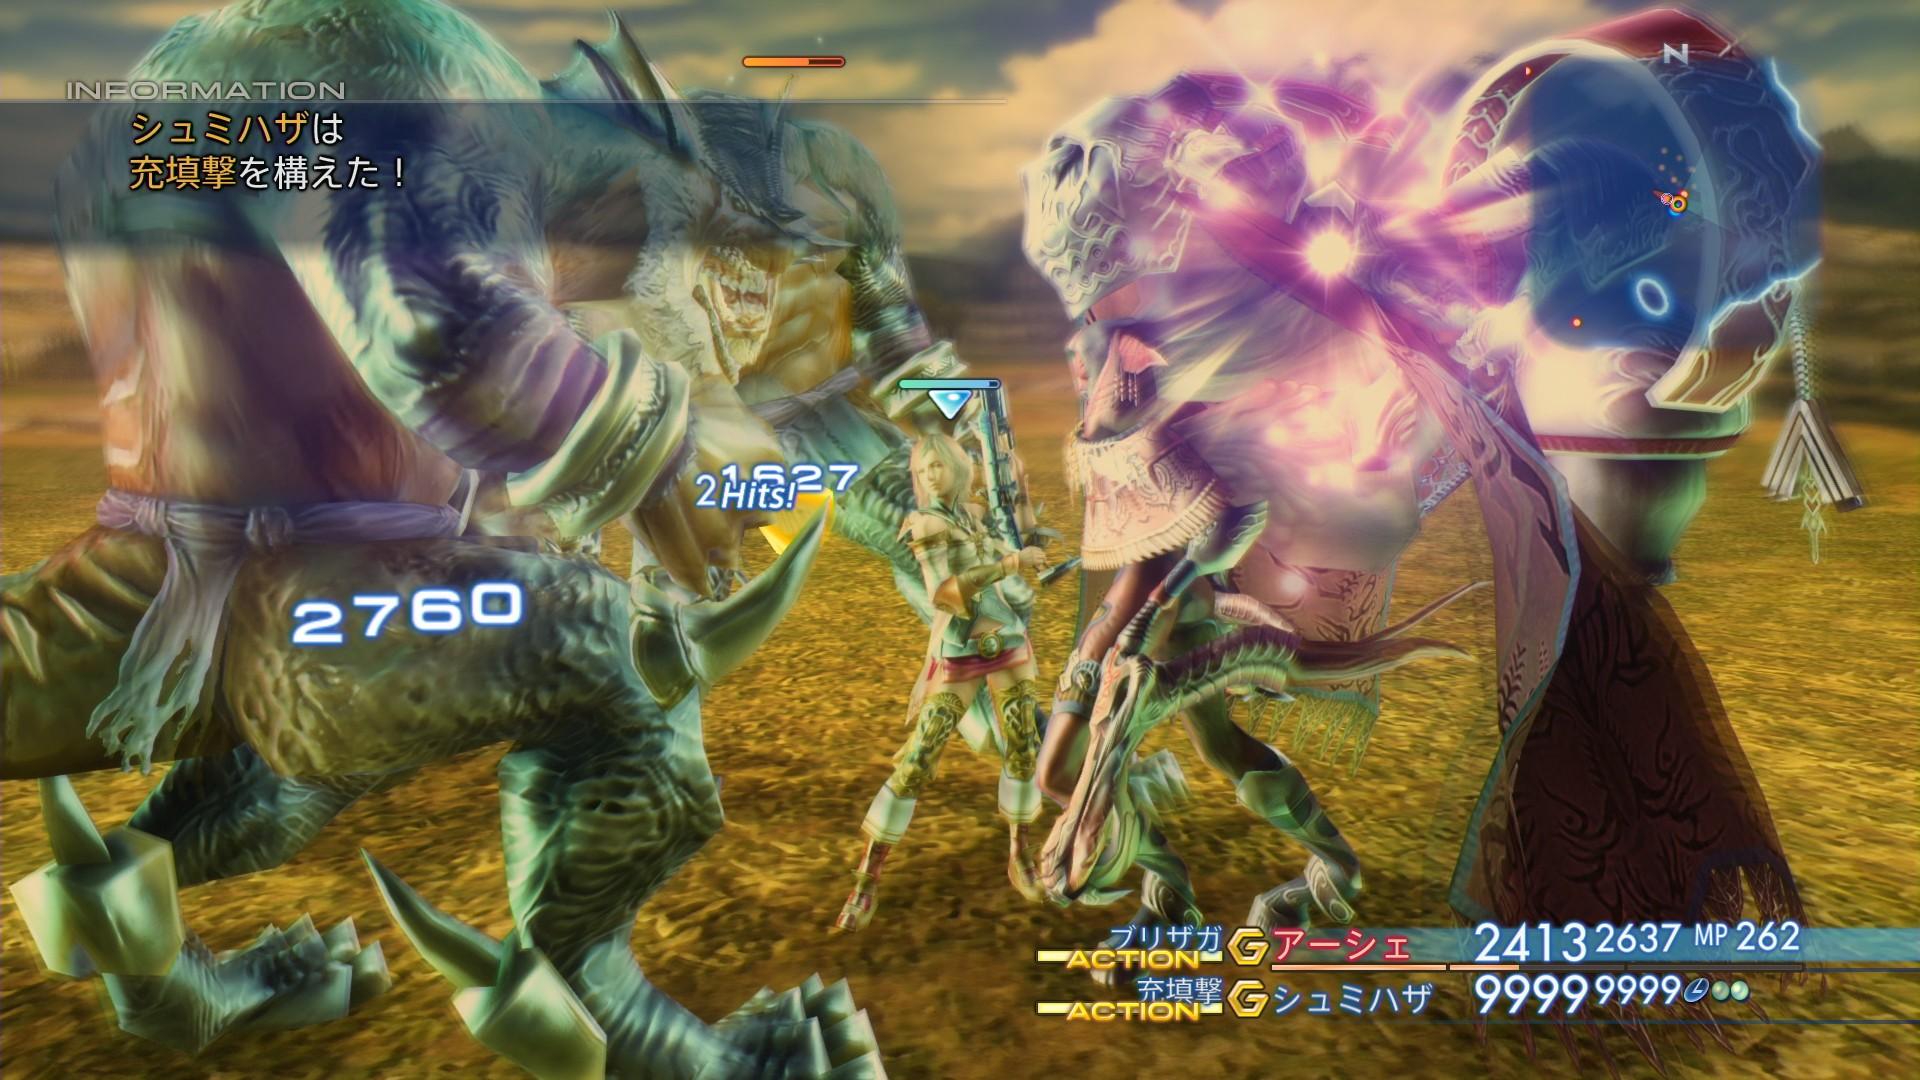 Lov, klany a nepřátelé z Final Fantasy XII: The Zodiac Age na screenshotech 146287